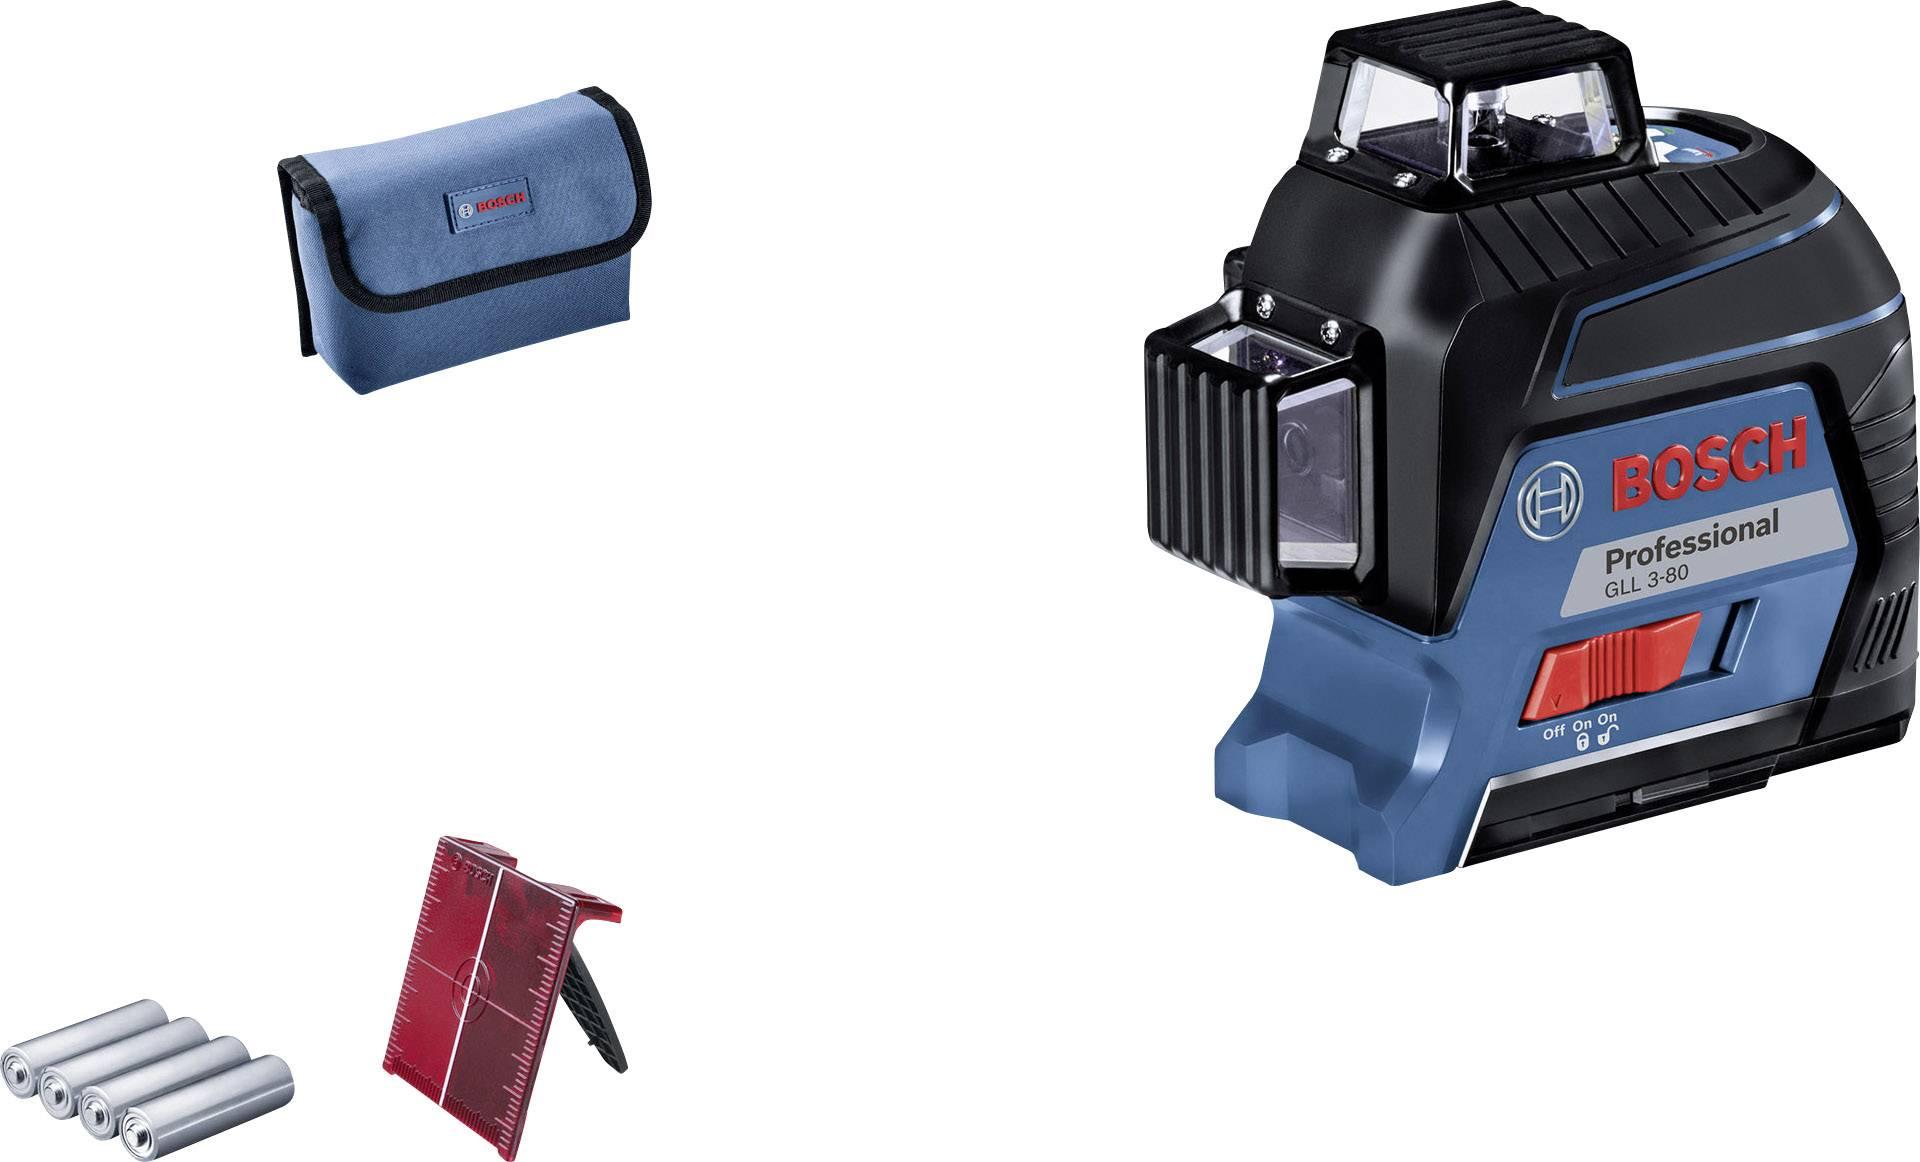 Křížová laserová vodováha Bosch Professional GLL 3-80, dosah (max.): 30 m, Kalibrováno dle: bez certifikátu